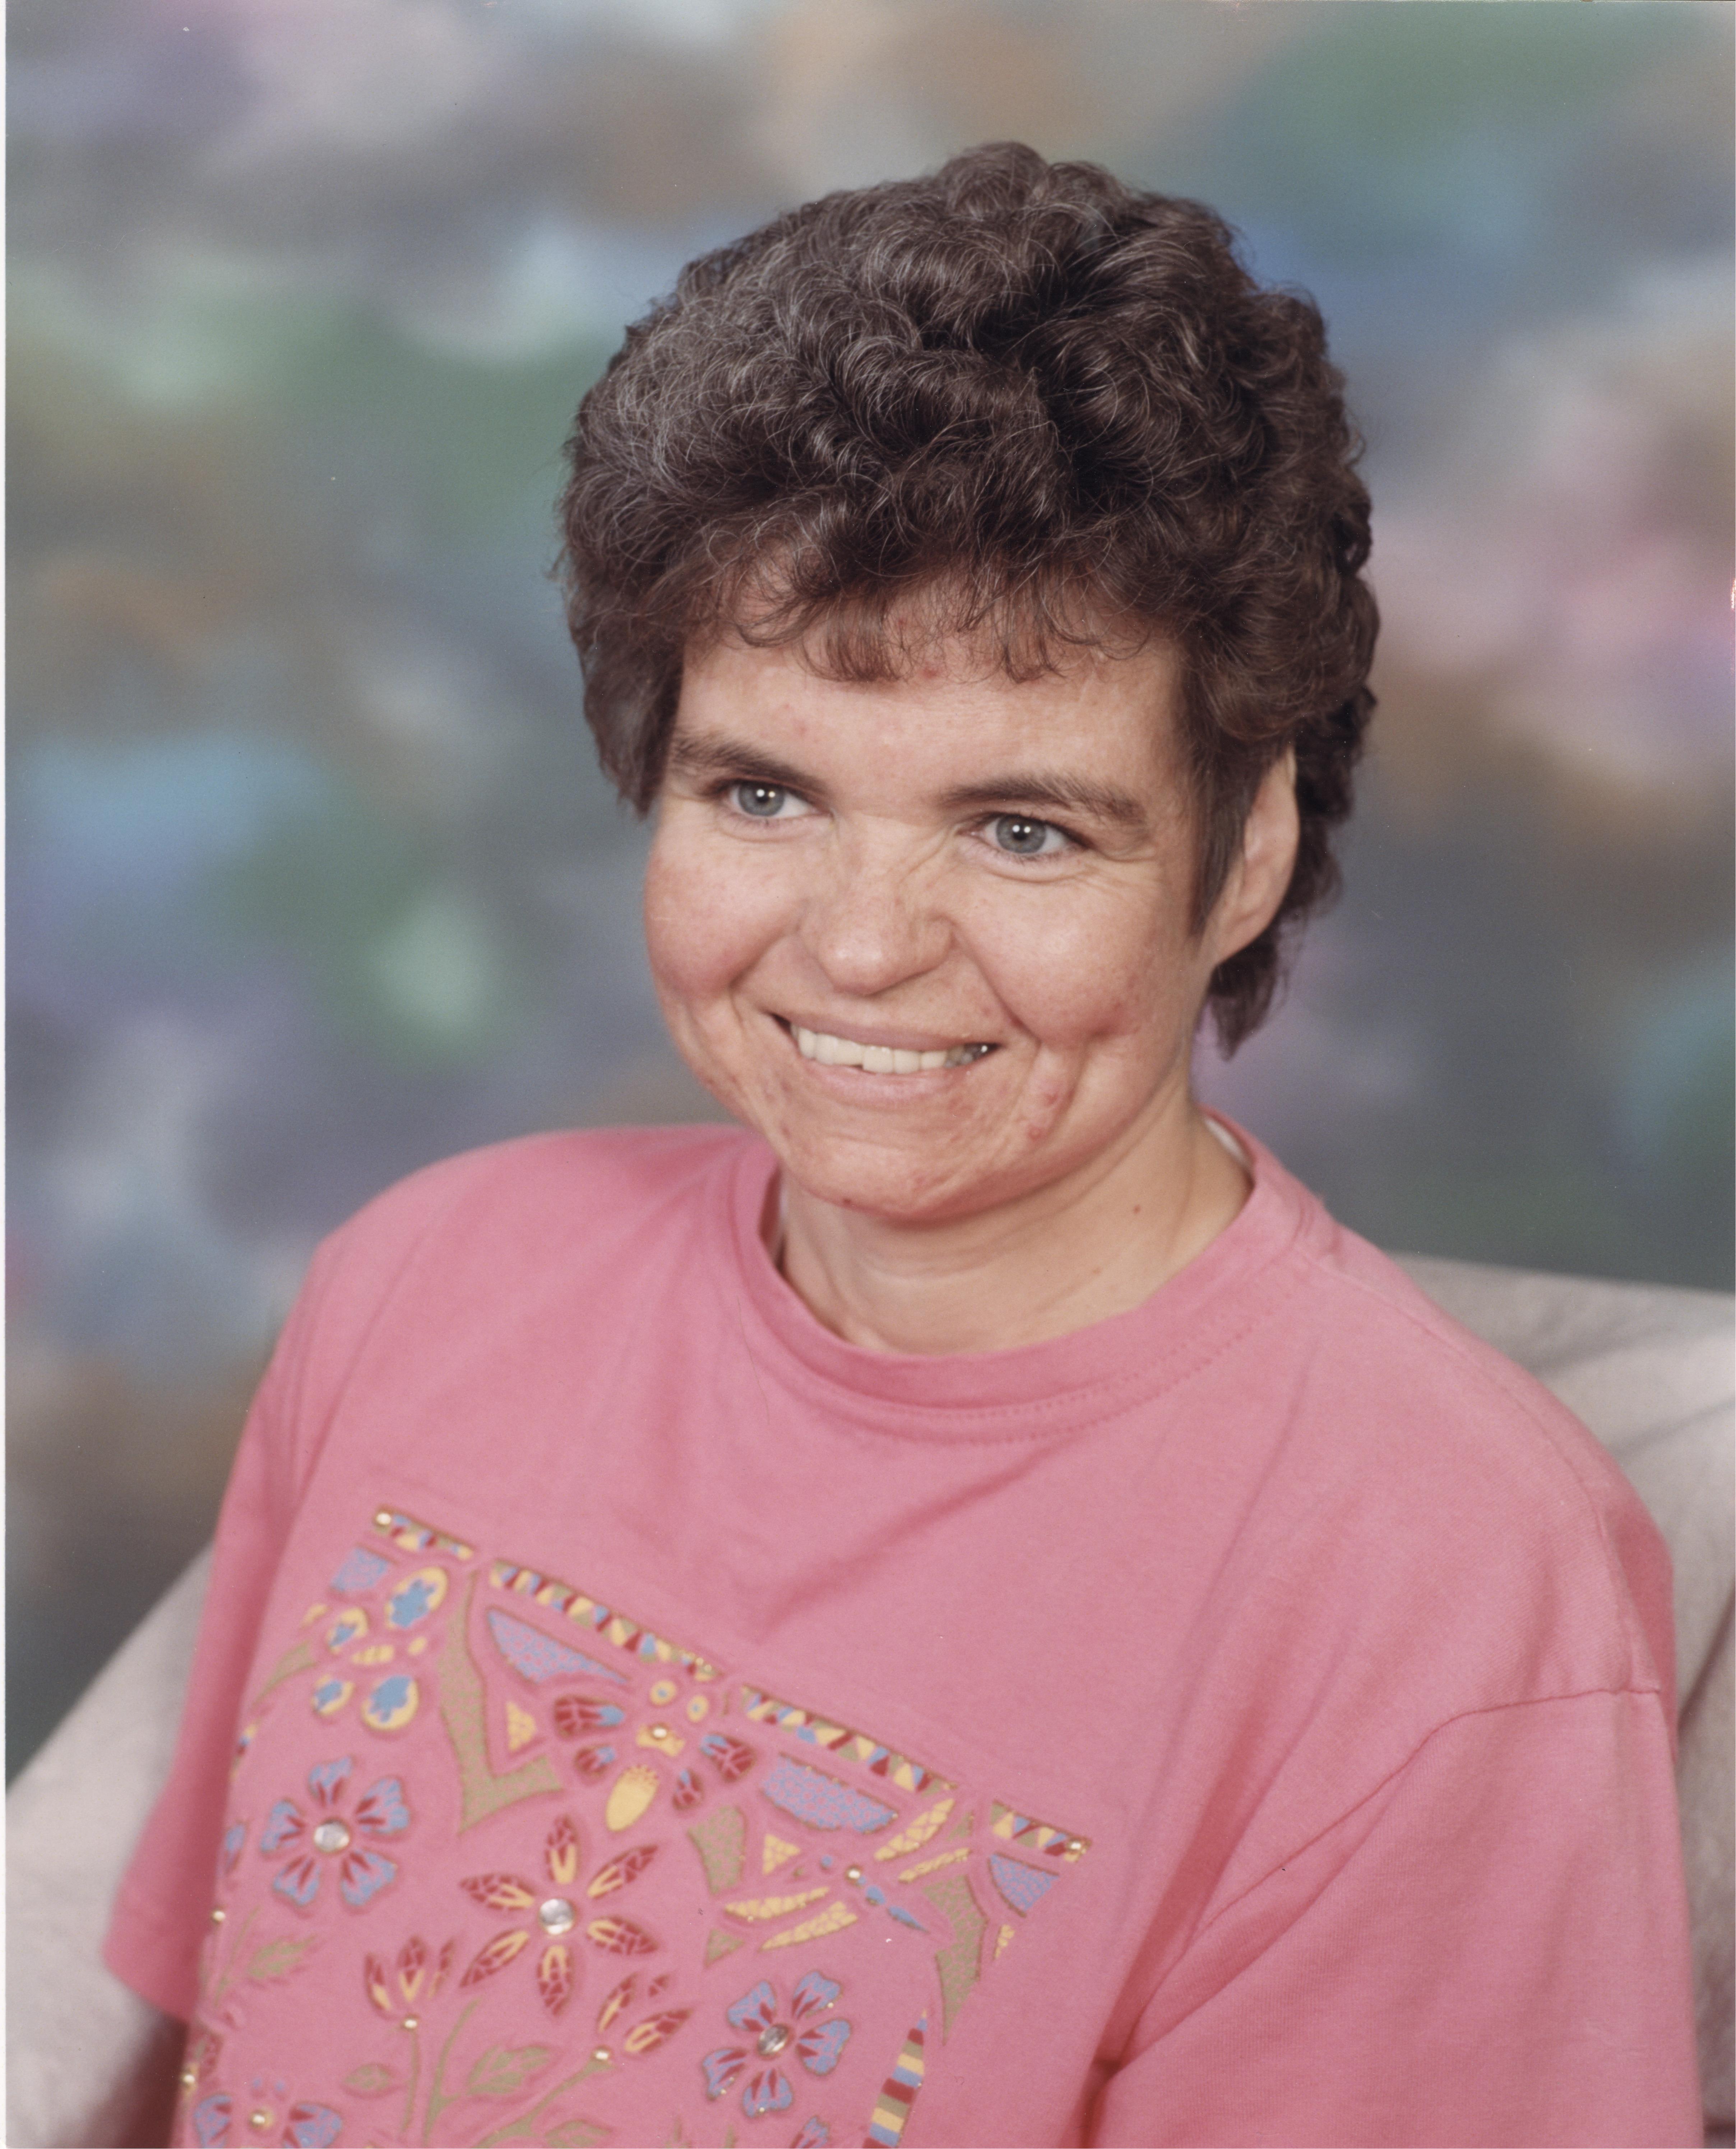 Laura Eileen Harnsberger